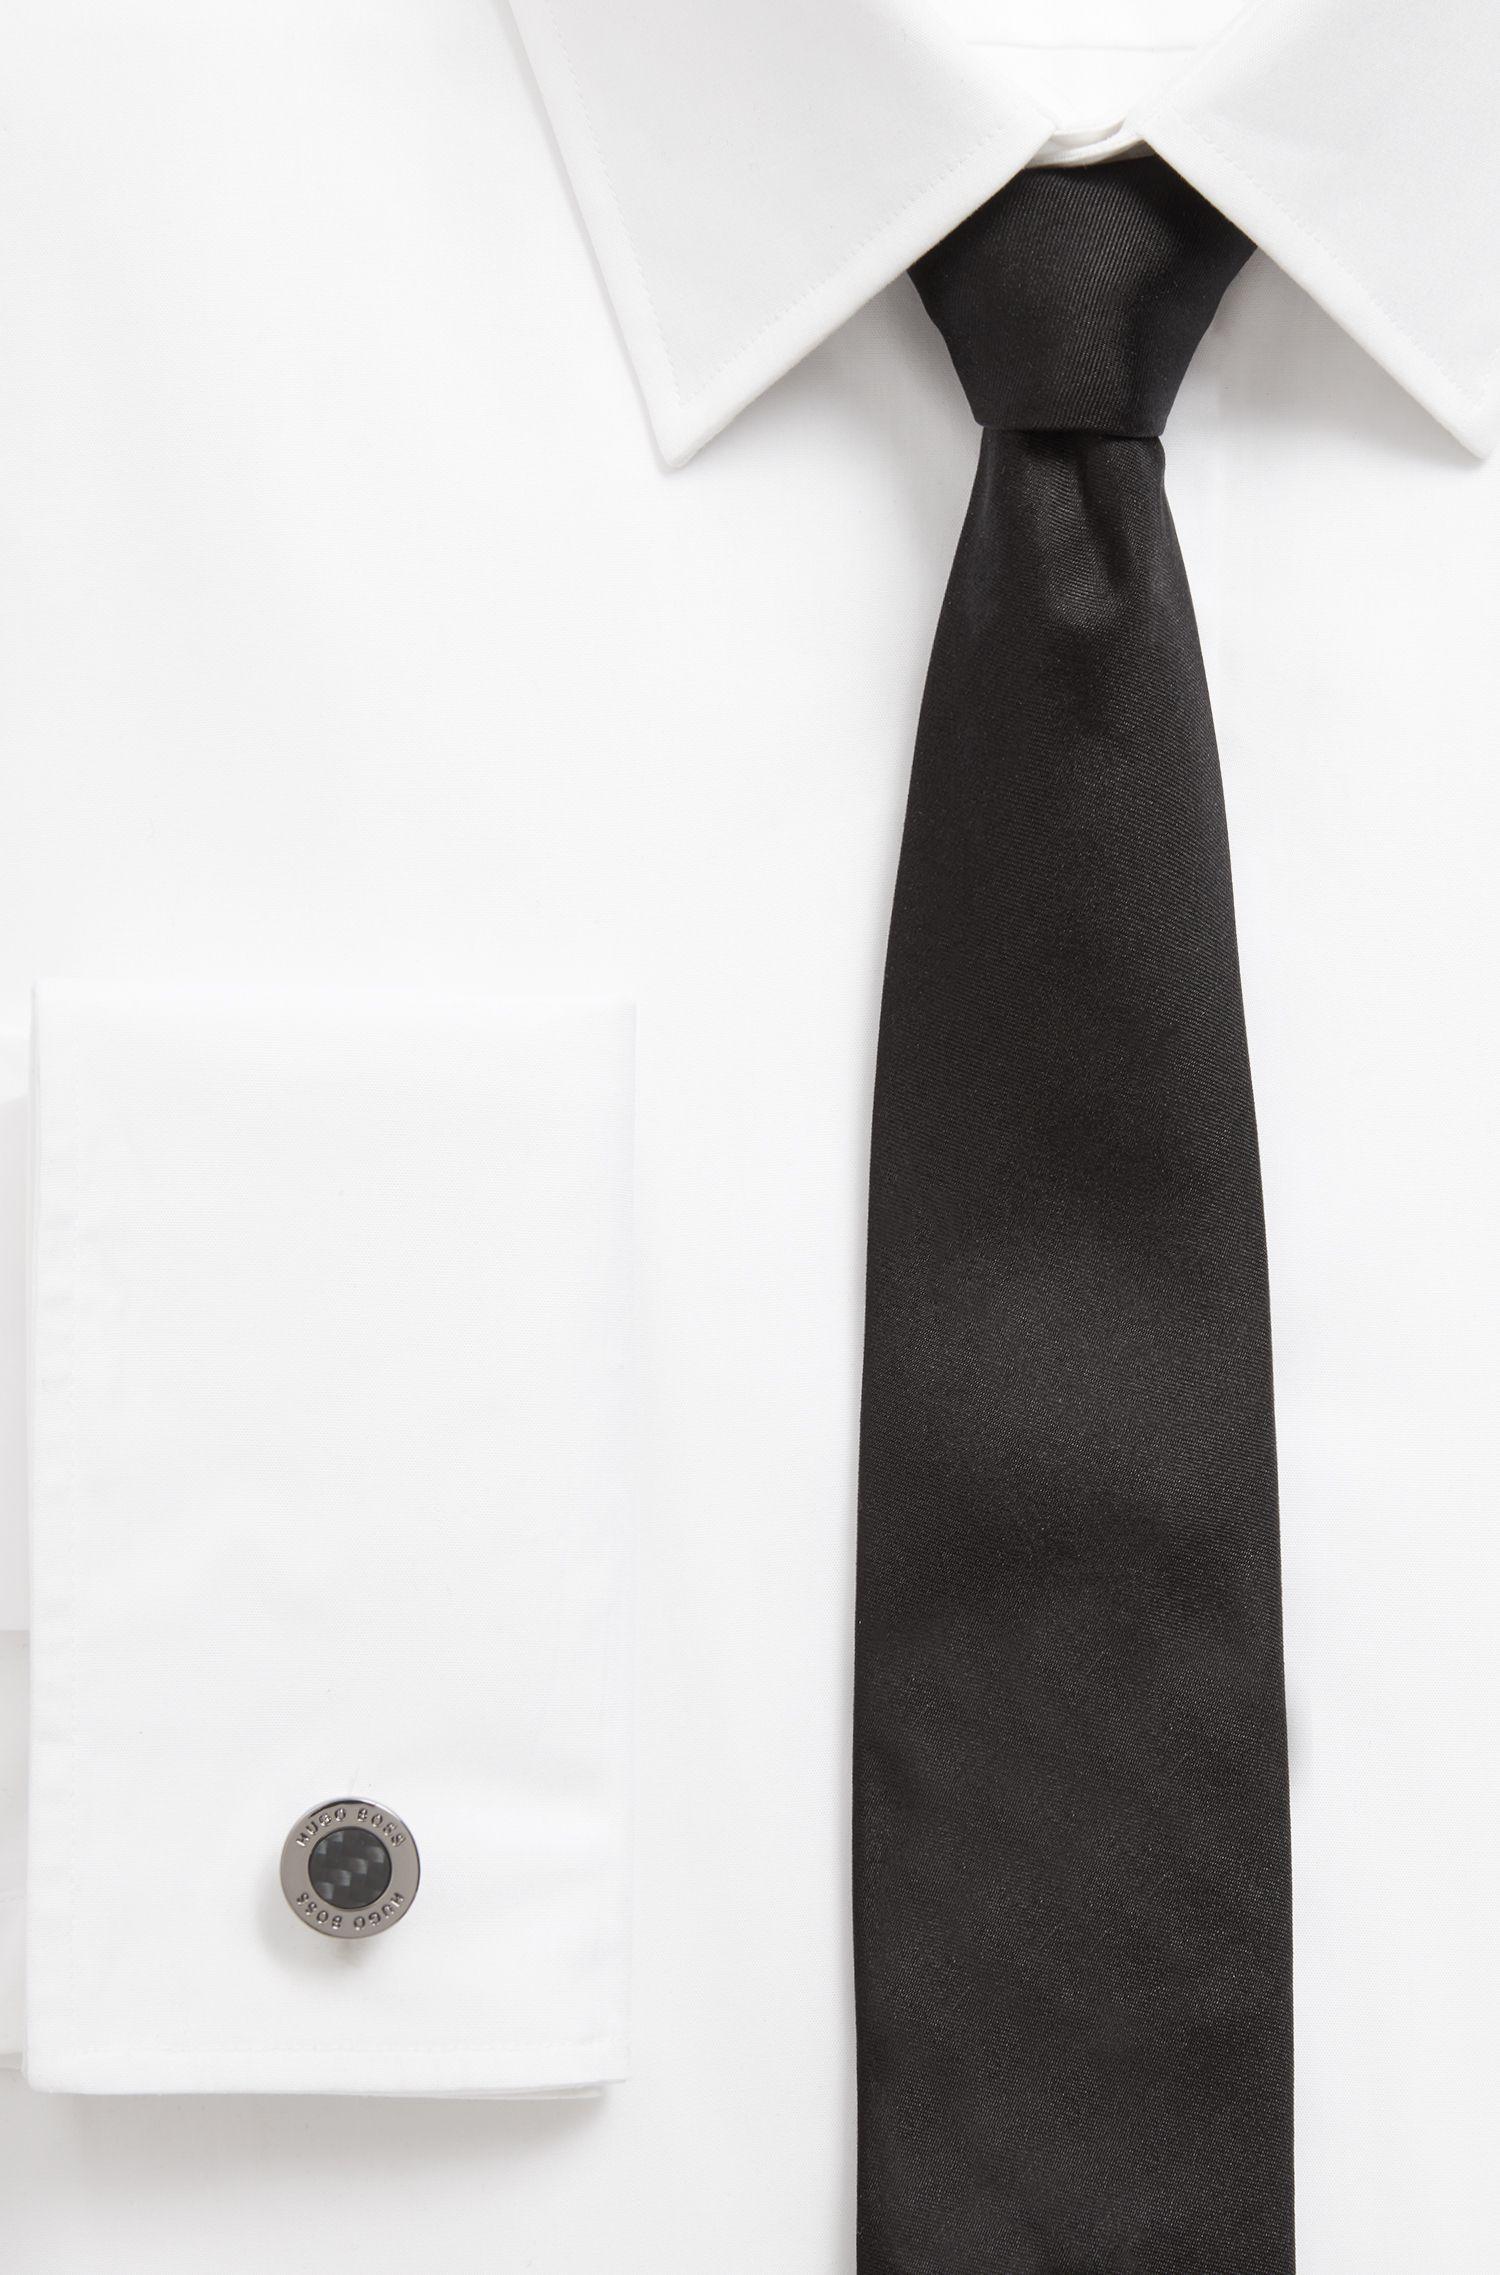 Dark-plated round cufflinks with carbon-fiber core, Black